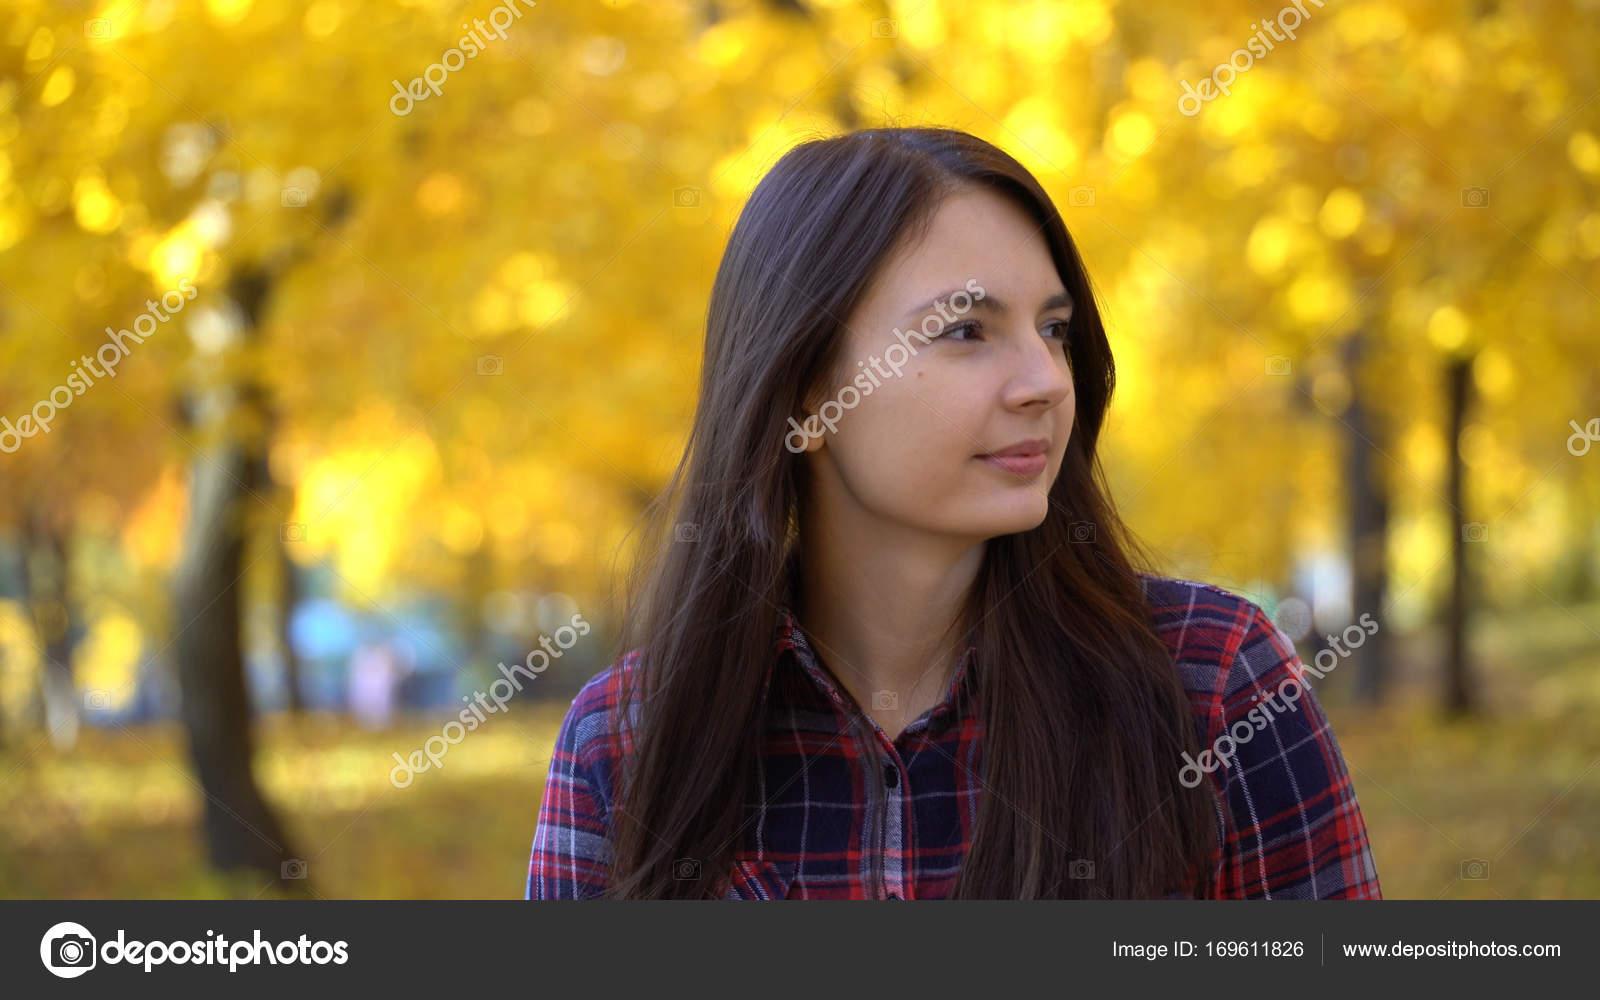 Совершеннолетняя девушка гуляет по парку